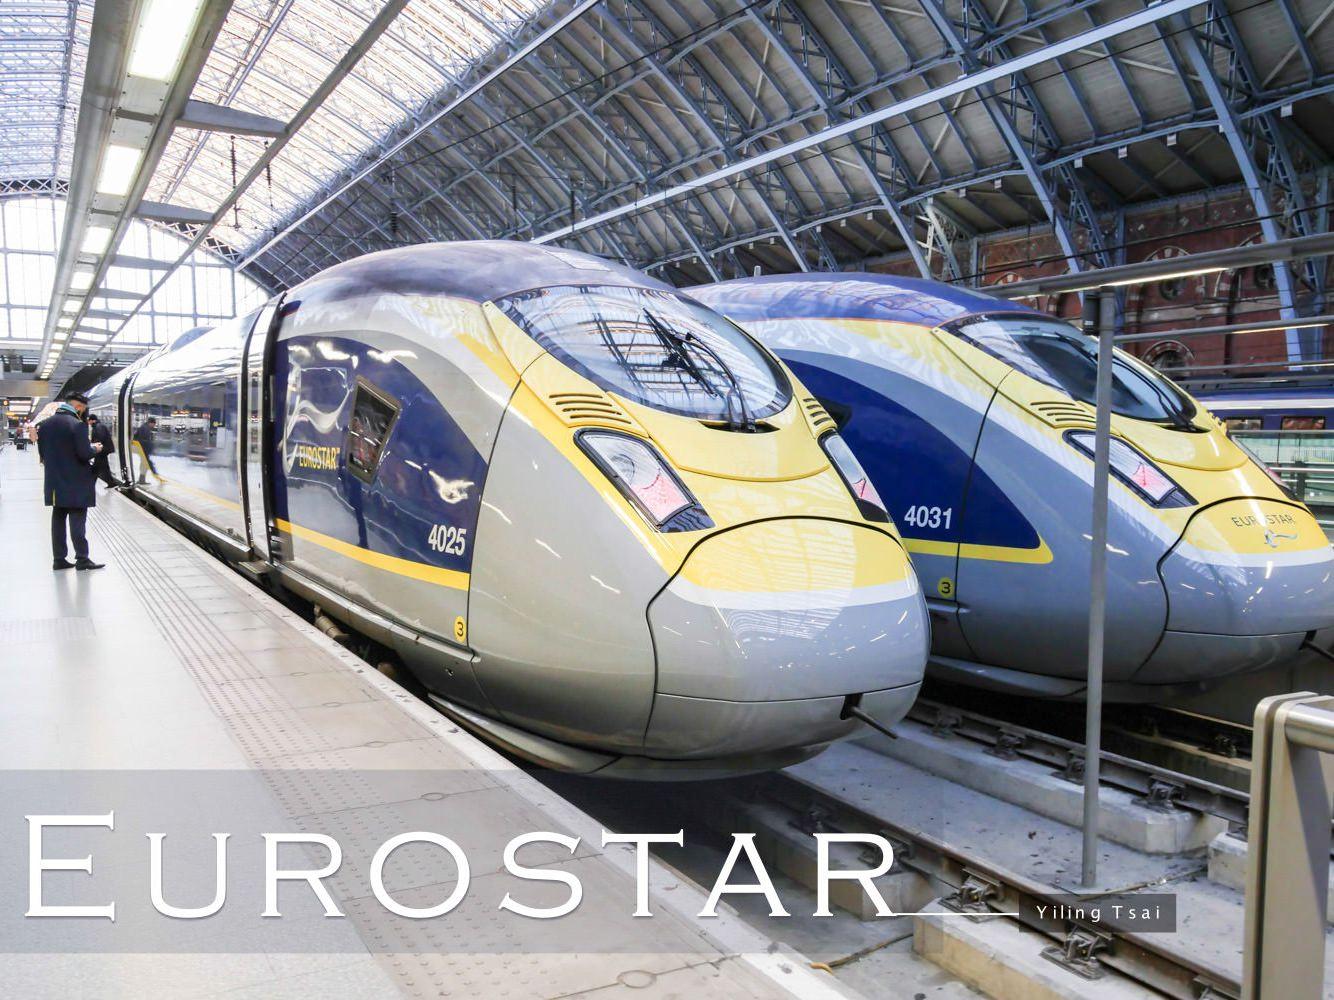 歐洲之星 倫敦到巴黎頭等艙搭乘心得